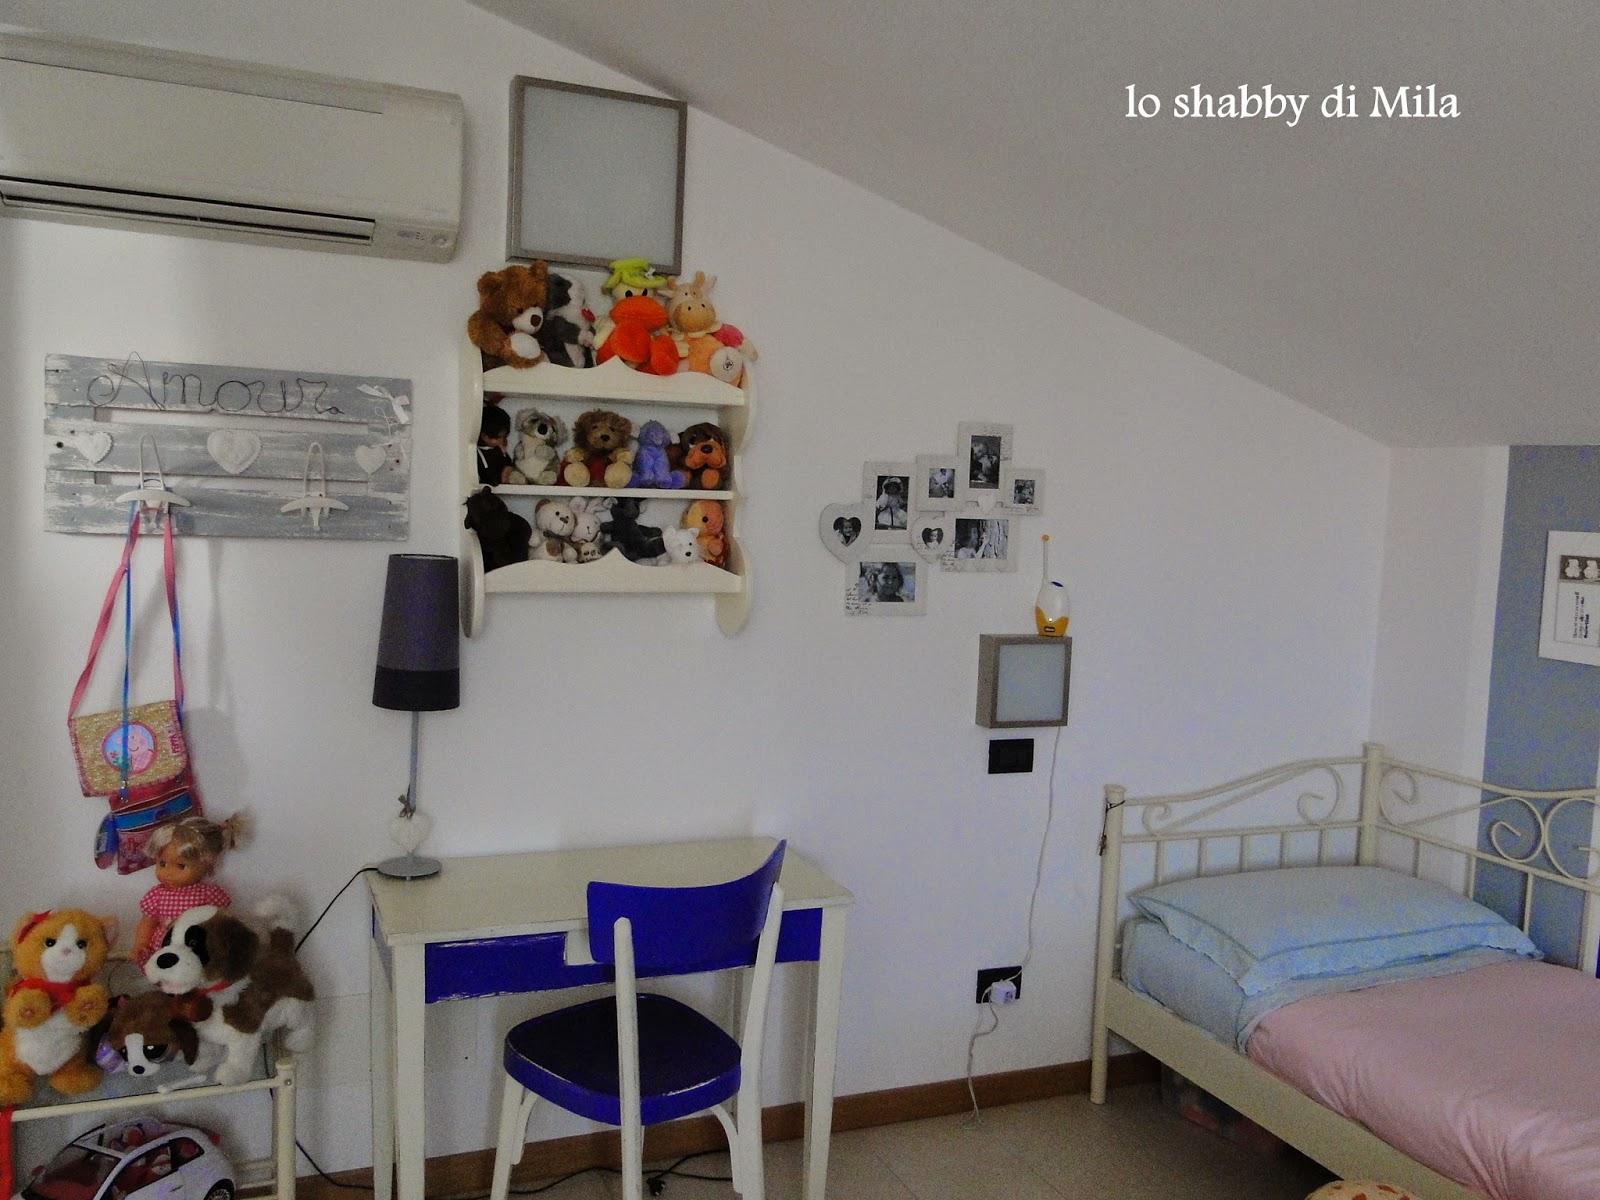 Pareti A Strisce Lilla : Pareti a strisce con le pareti grigio tortora chiaro la tua casa